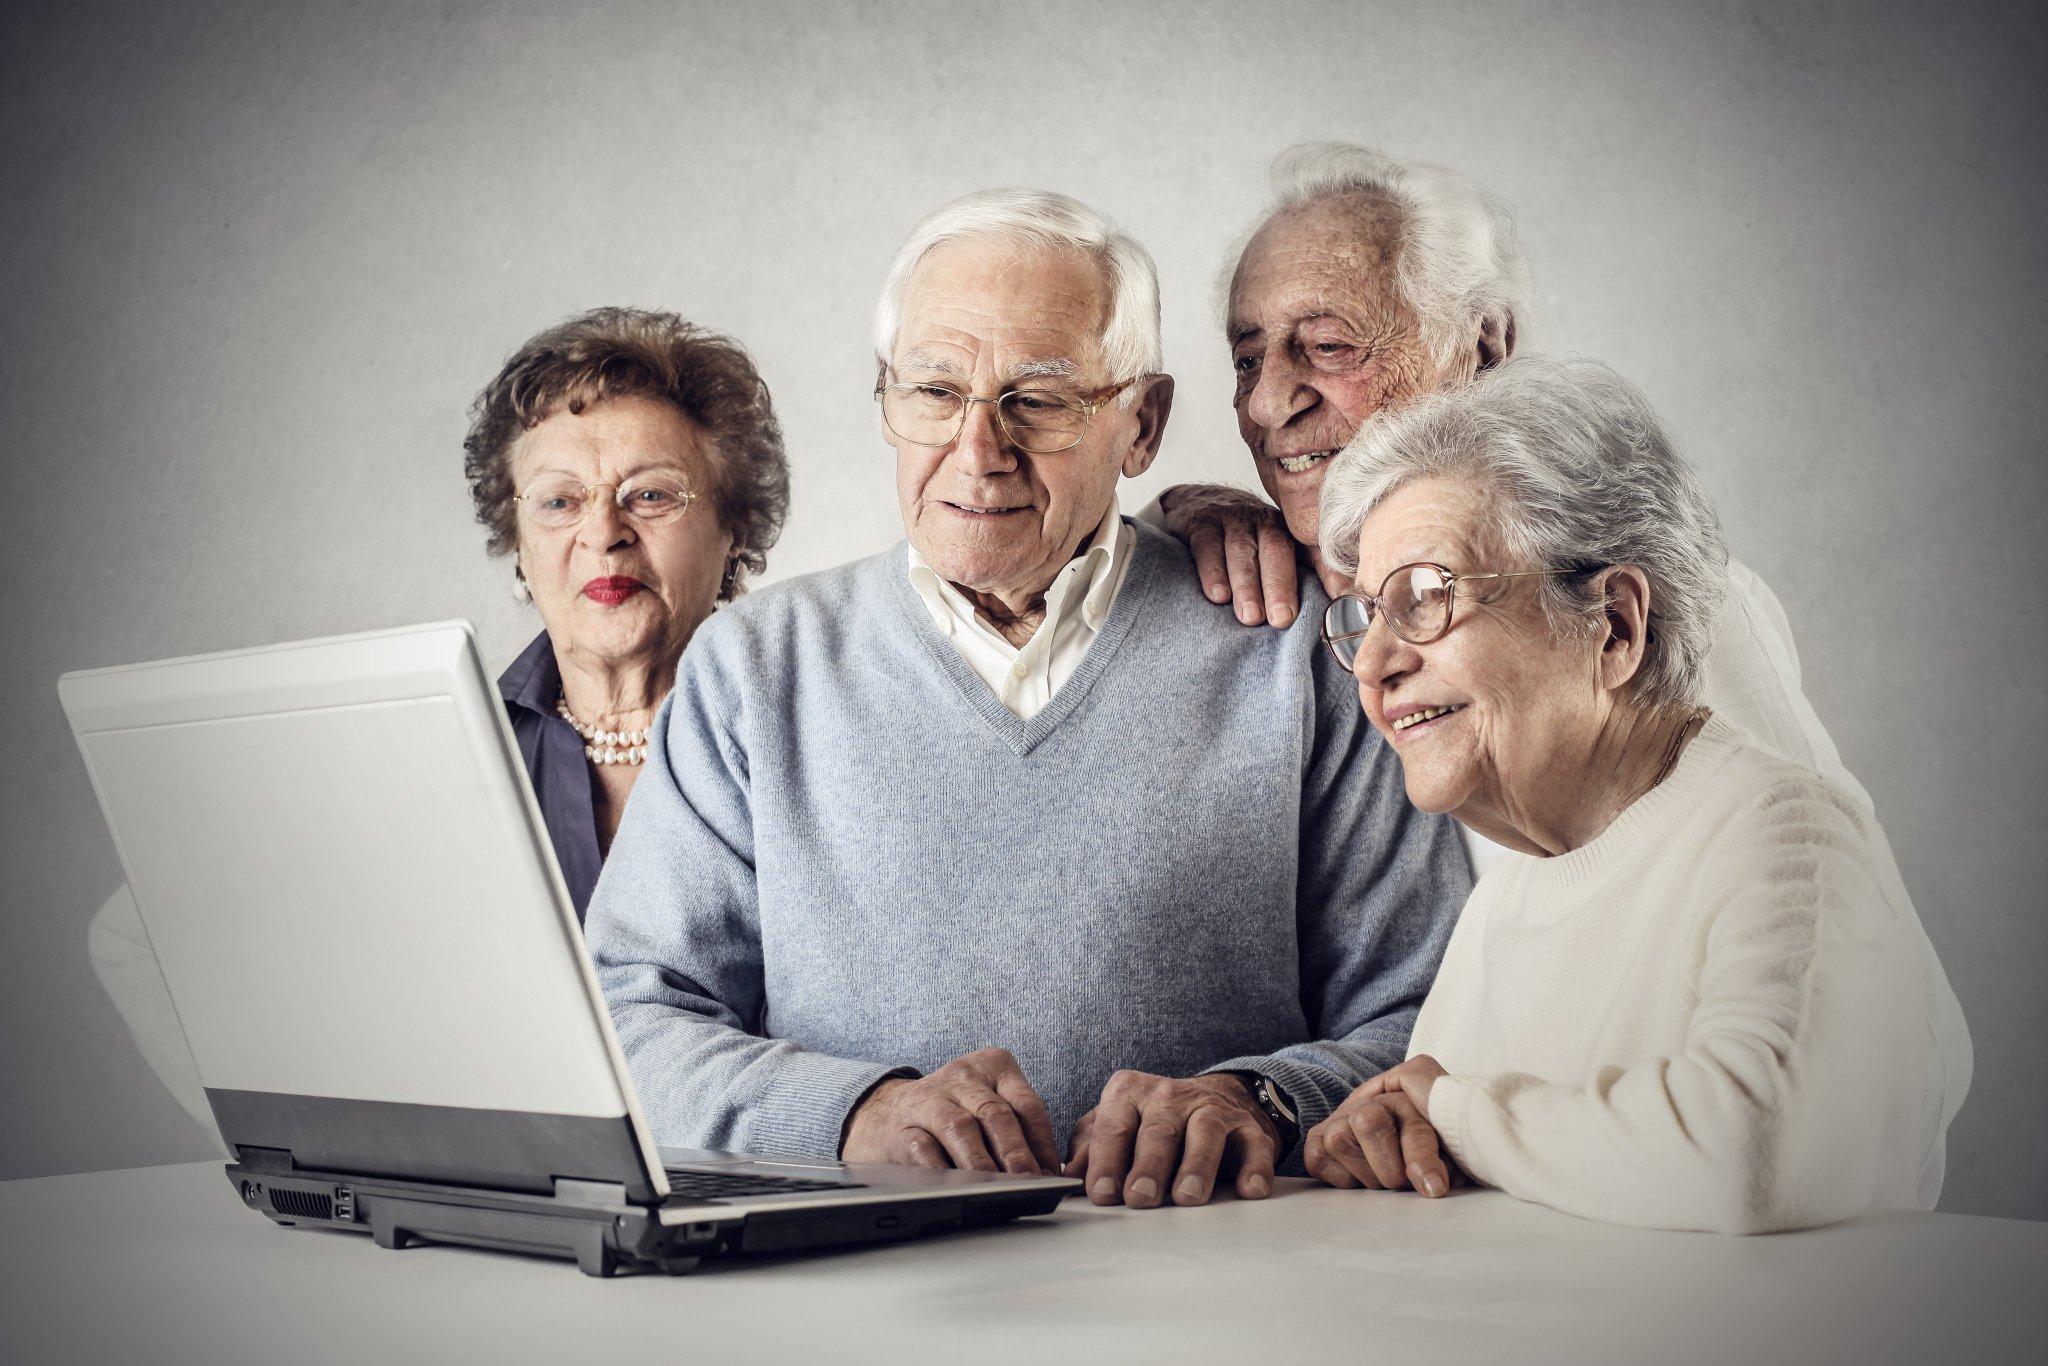 барбаросса картинки ученики и пожилые доски зависит